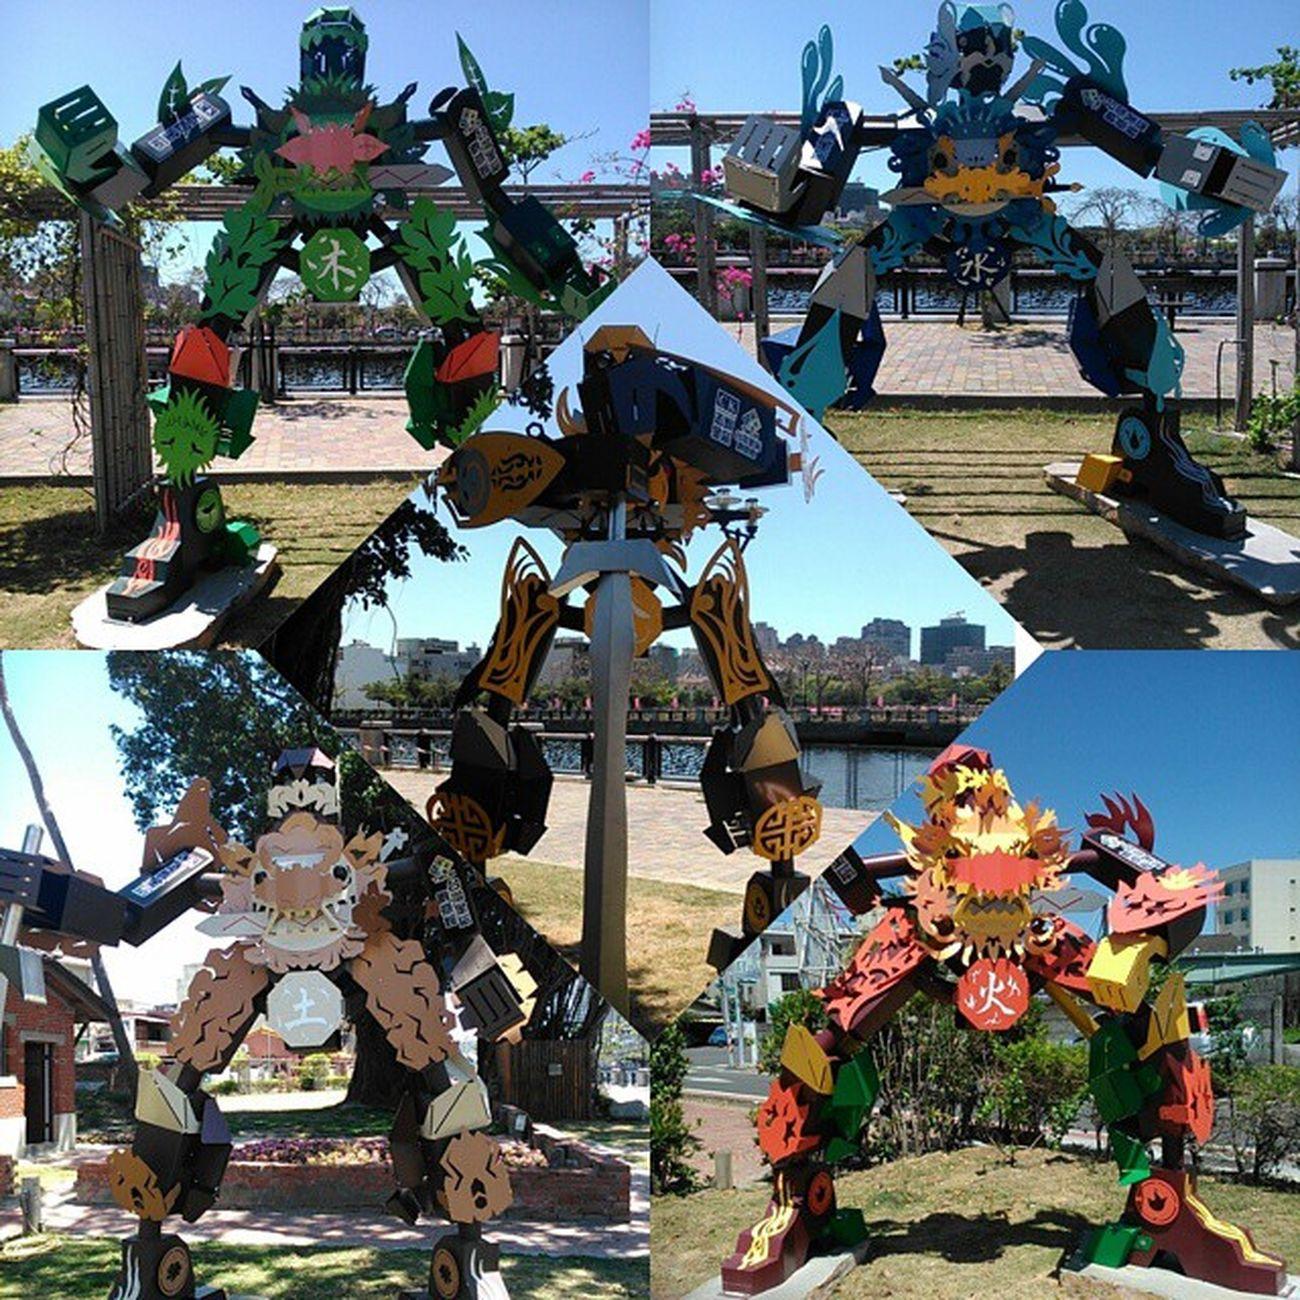 子供の日 こどもの日 休日 台南 ロボット robot Happy children's day ⑥ 大家好我們是 木・火・土・金・水 帥帥der😠😠😠